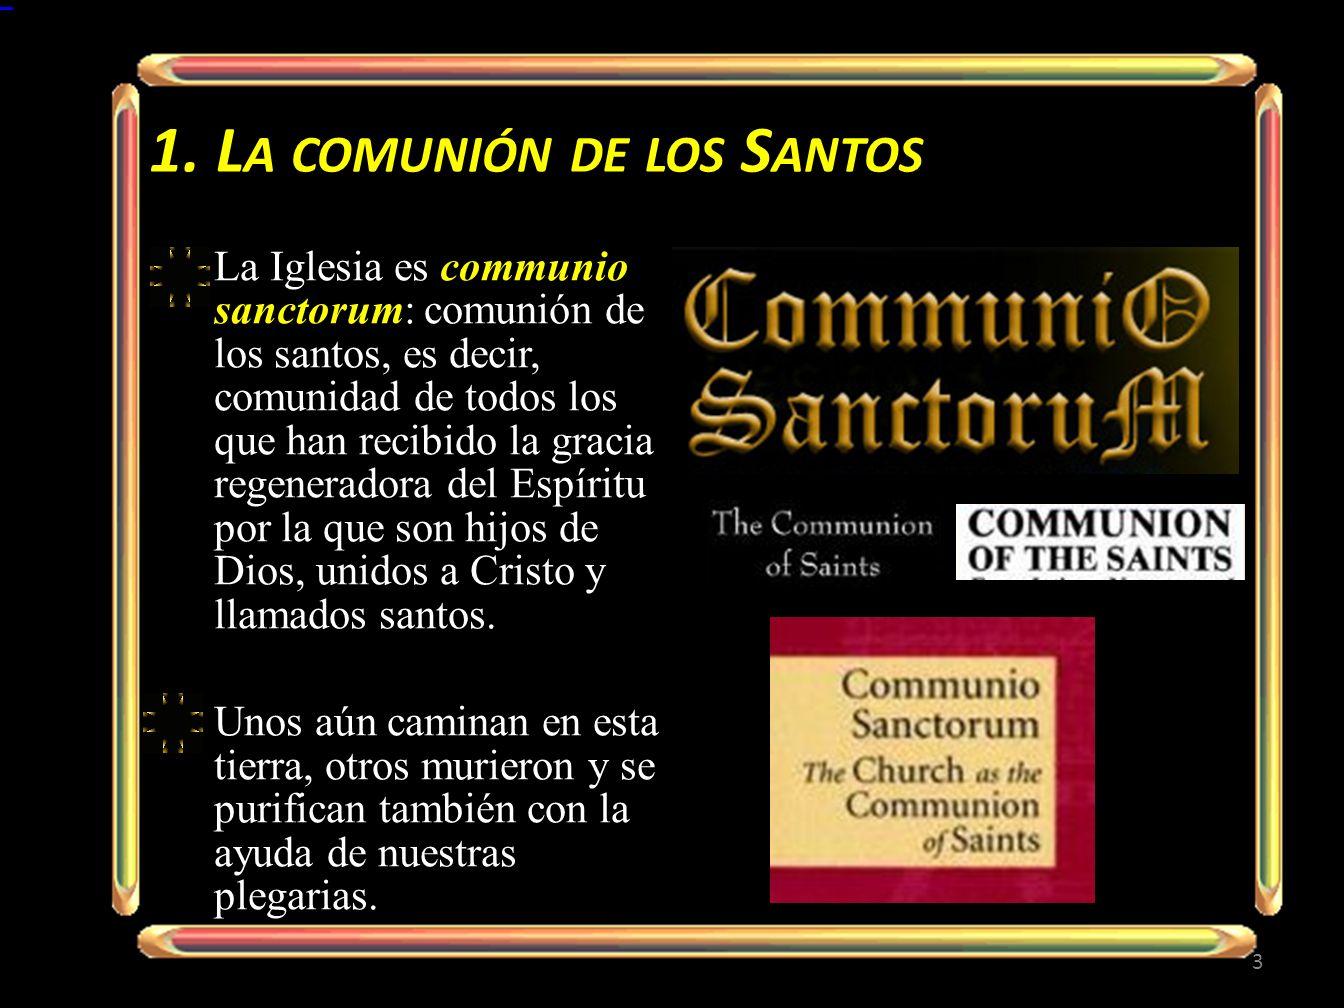 Participan en la misión sacerdotal de Cristo cuando ofrecen como sacrificio espiritual, sobre todo en la Eucaristía, la propia vida con todas sus obras.